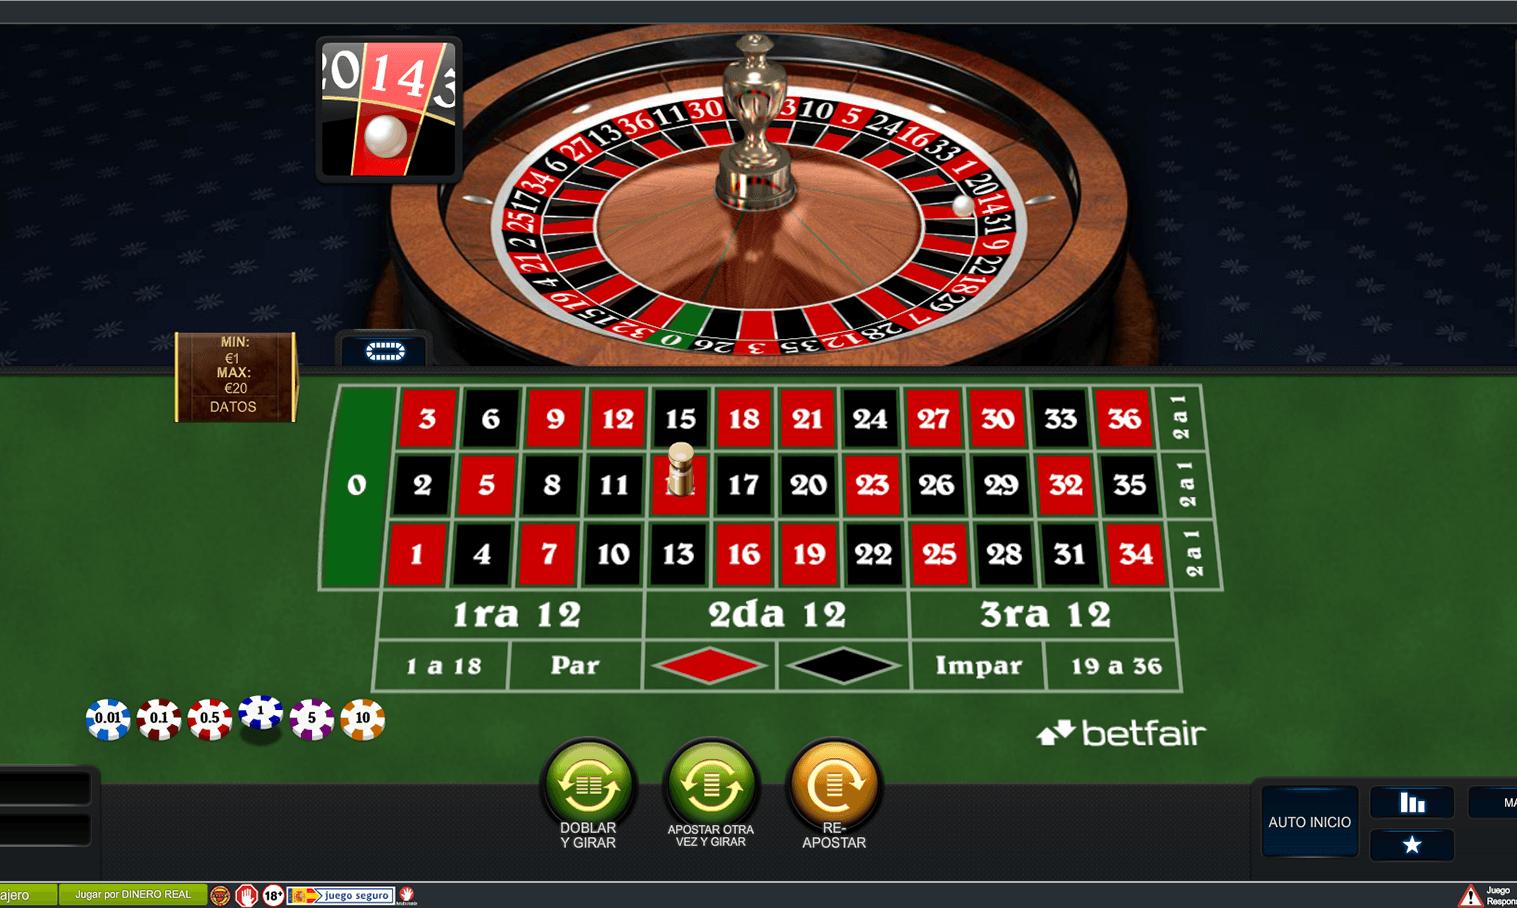 Bonos para jugadores peruanos casino web-146744